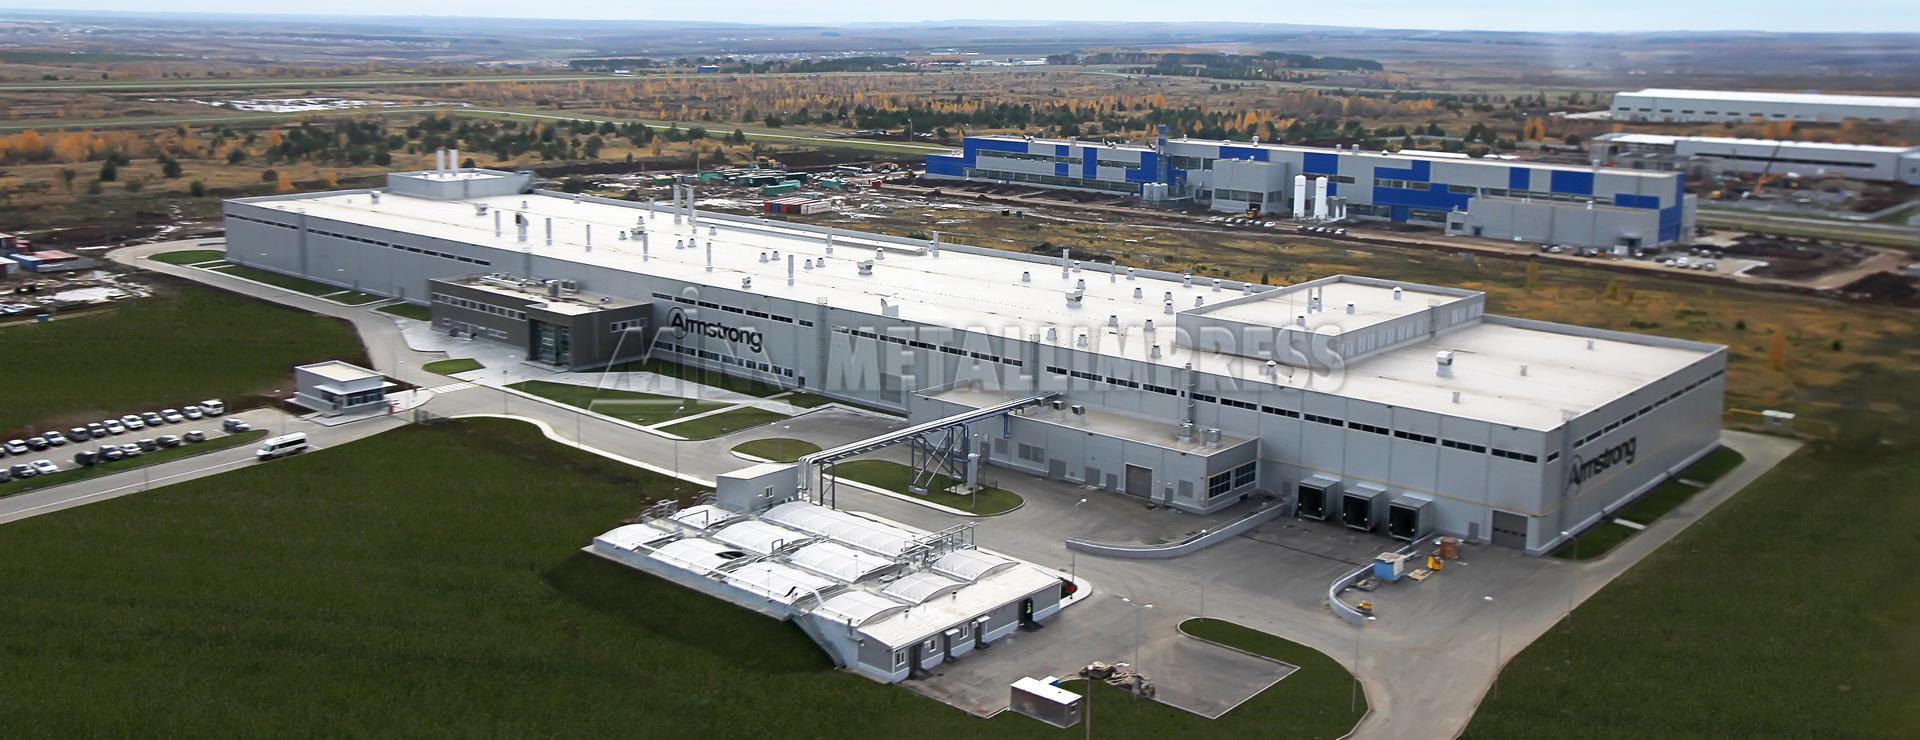 Завод по производству потолочных плит Армстронг